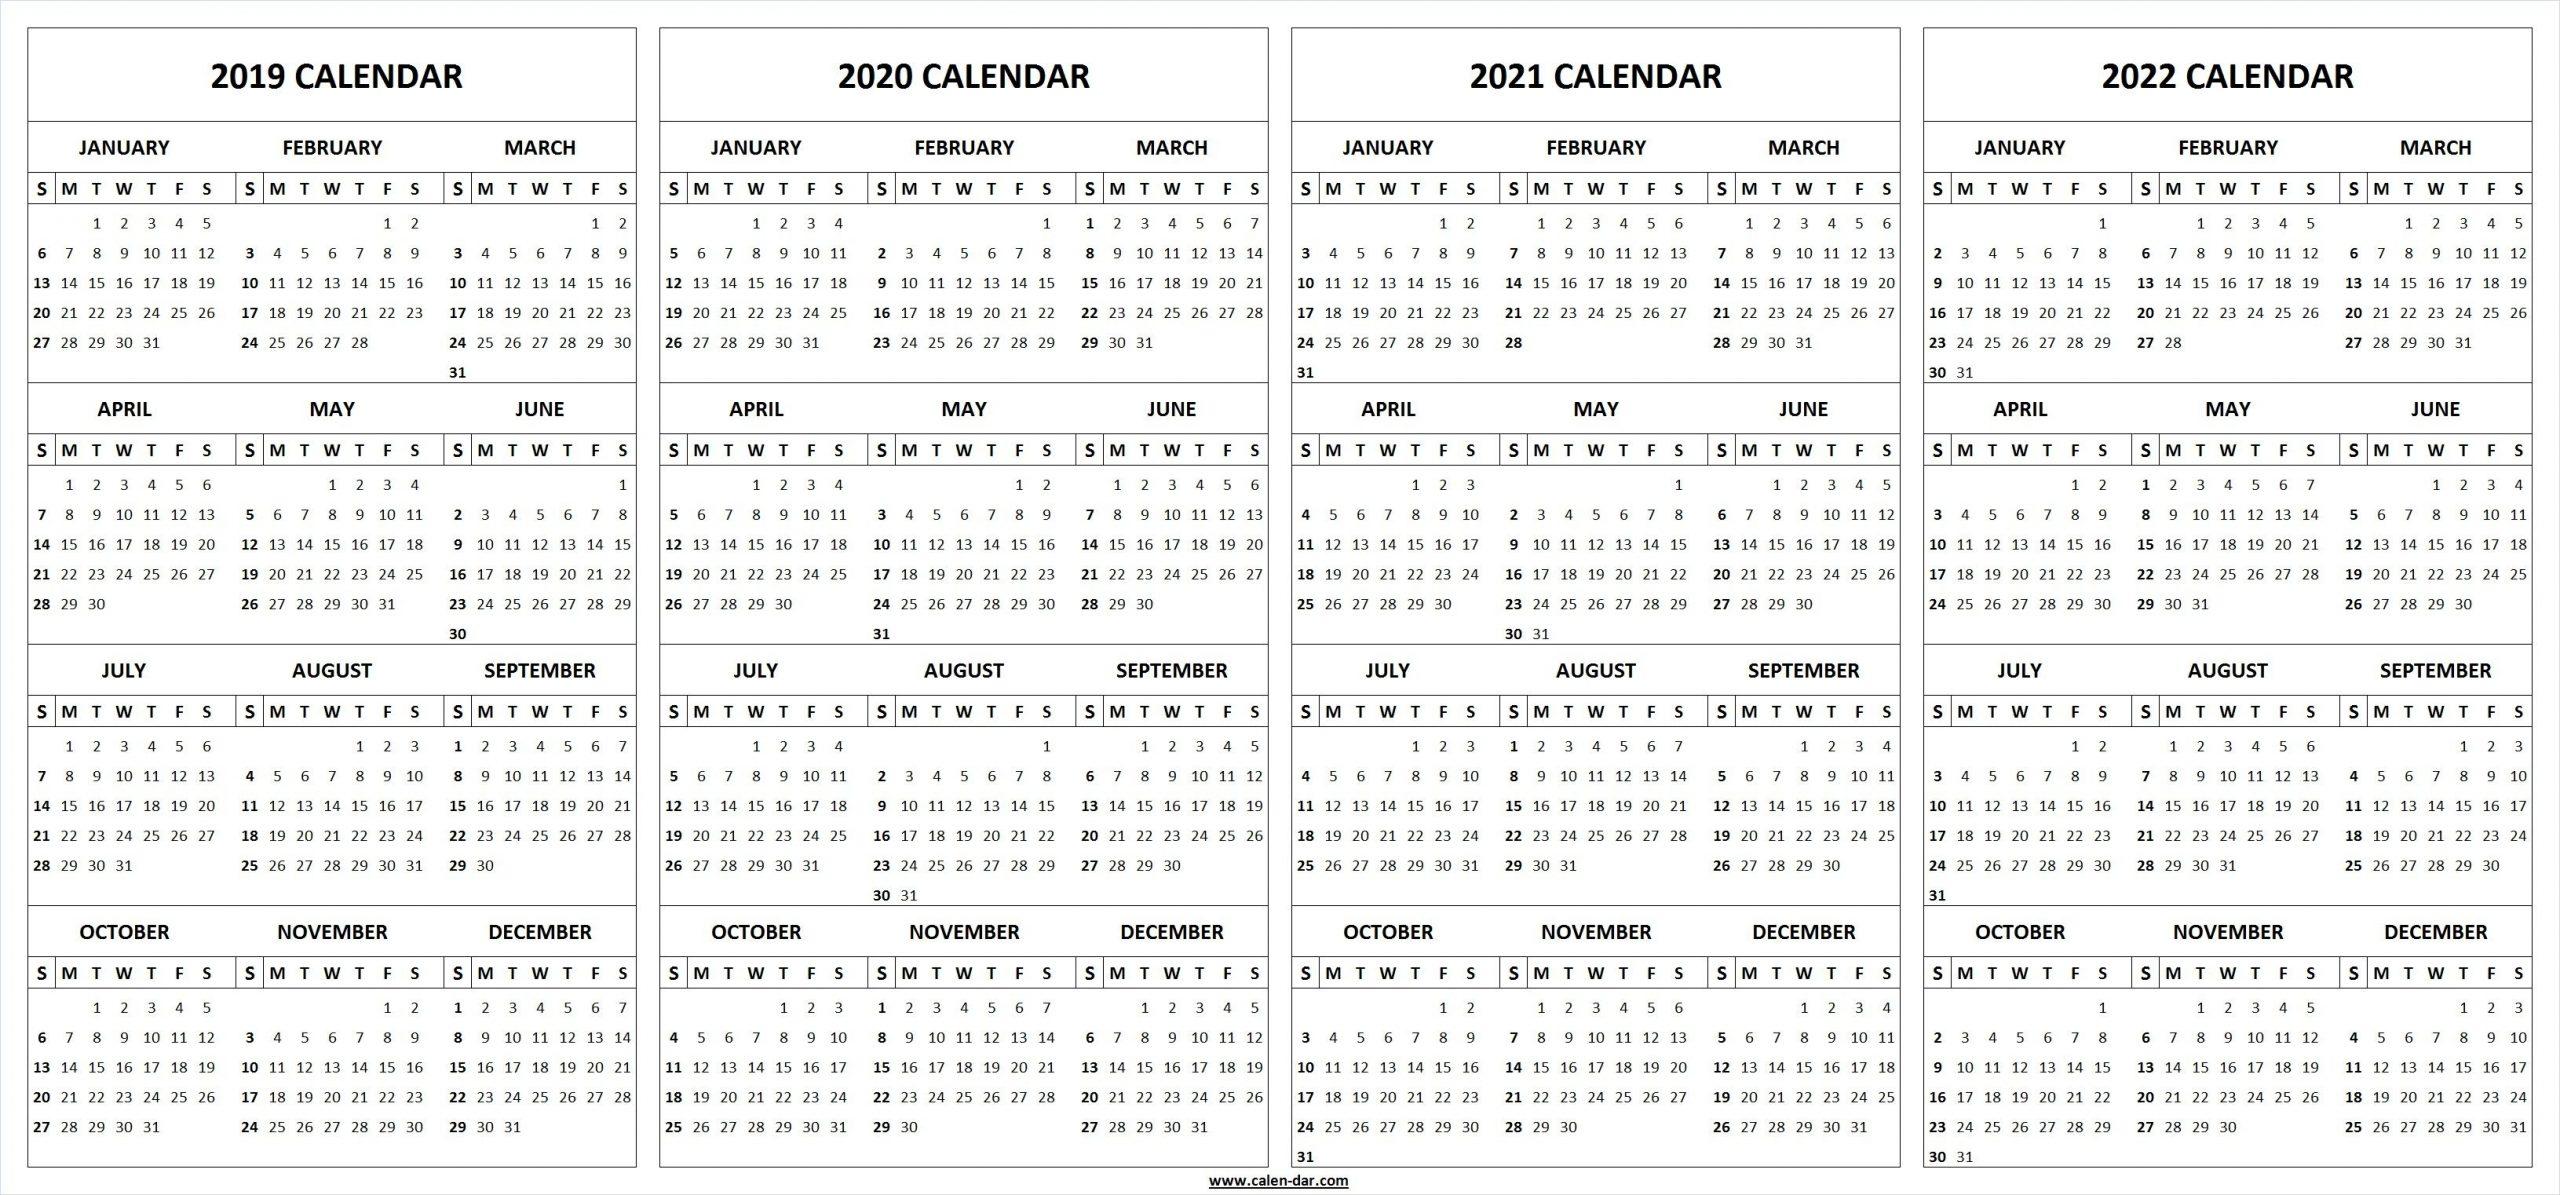 2019 2020 2021 2022 Calendar Blank Template   Calendar intended for Calendar For 2020 2021 2022